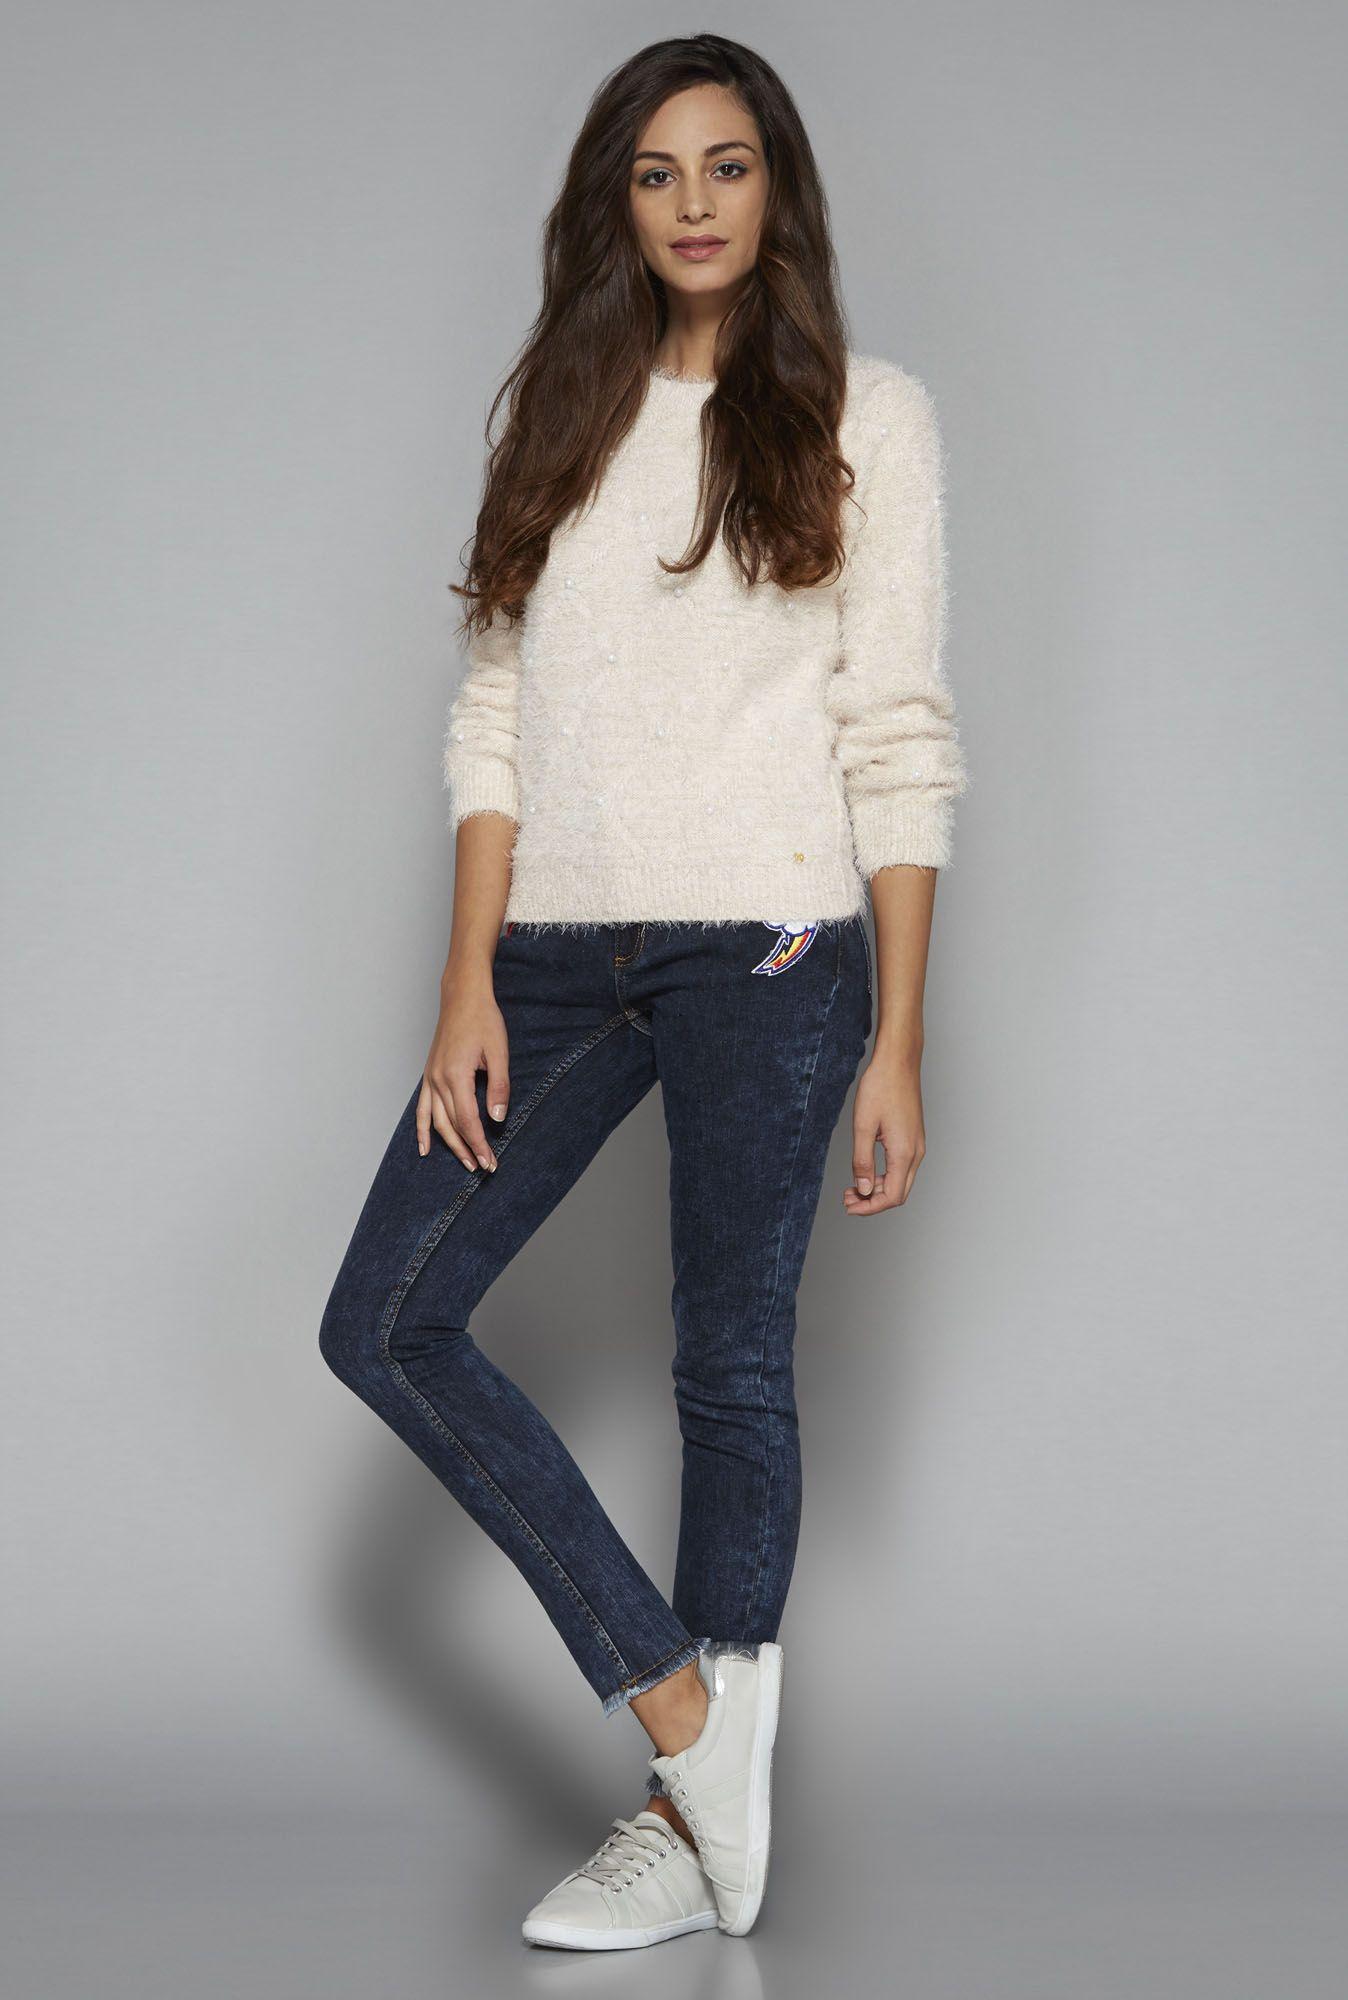 Buy Nuon by Westside Pink Linze Sweater online